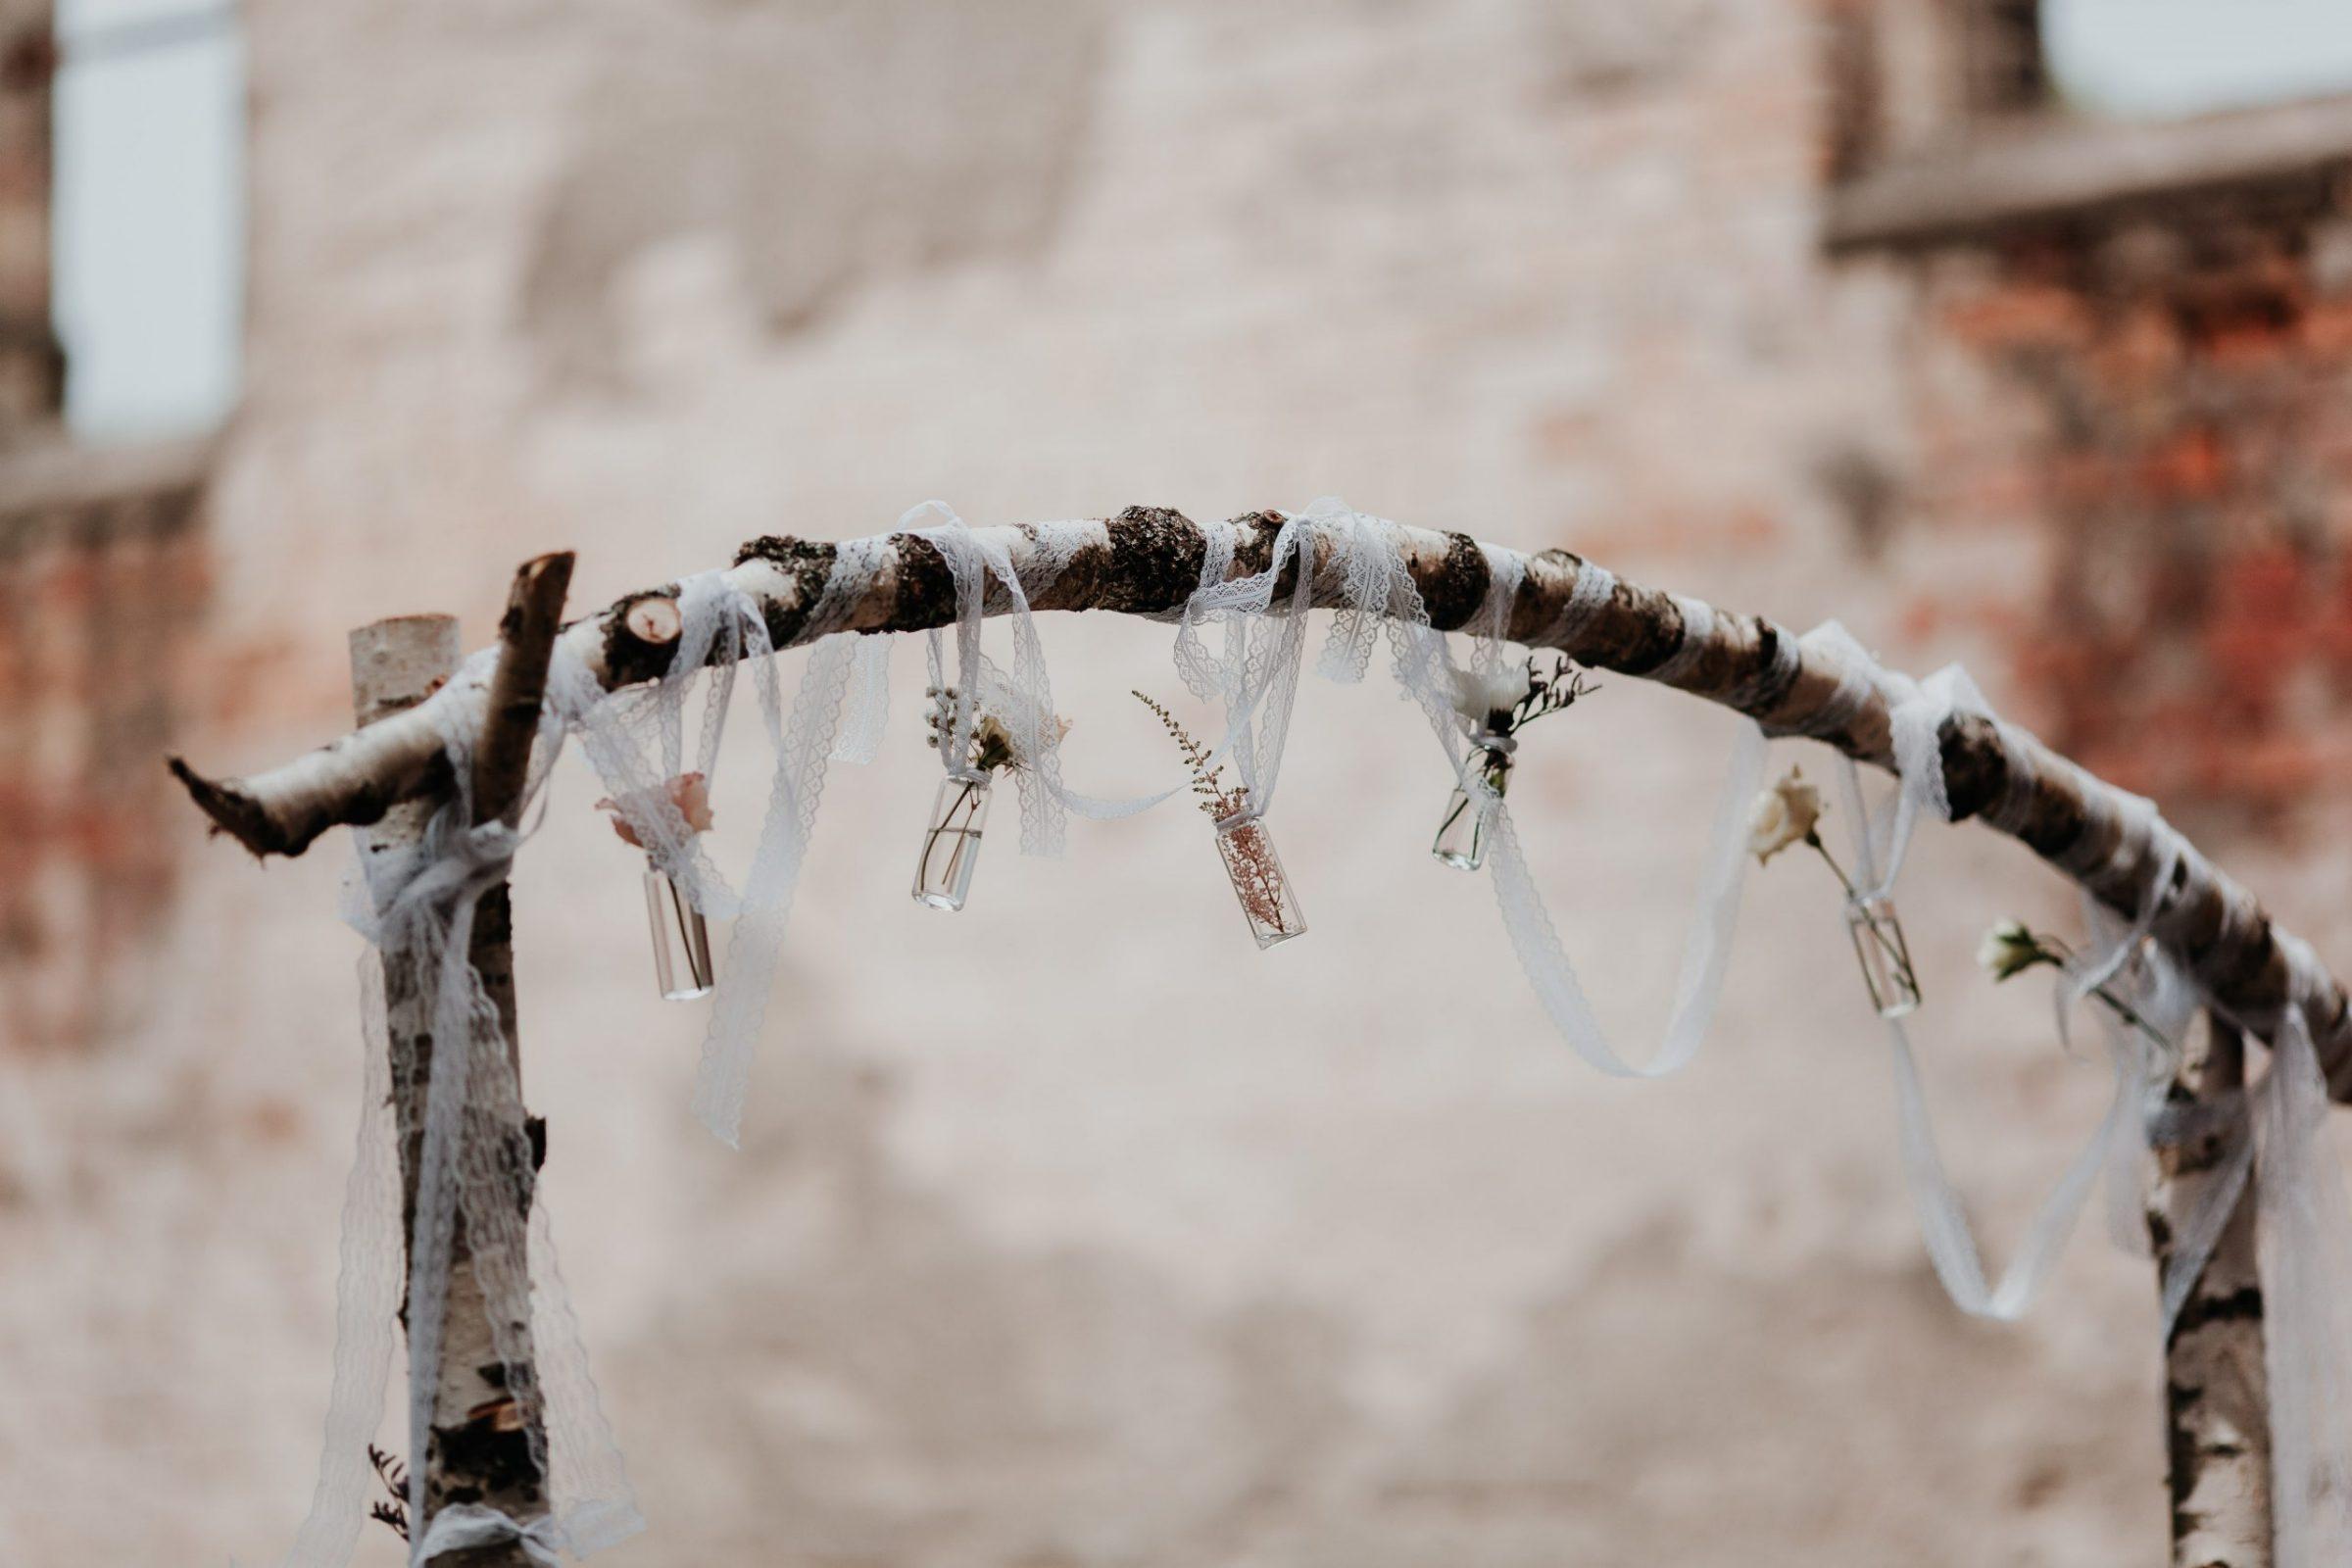 traubogen, wedding arch, boho wedding arch